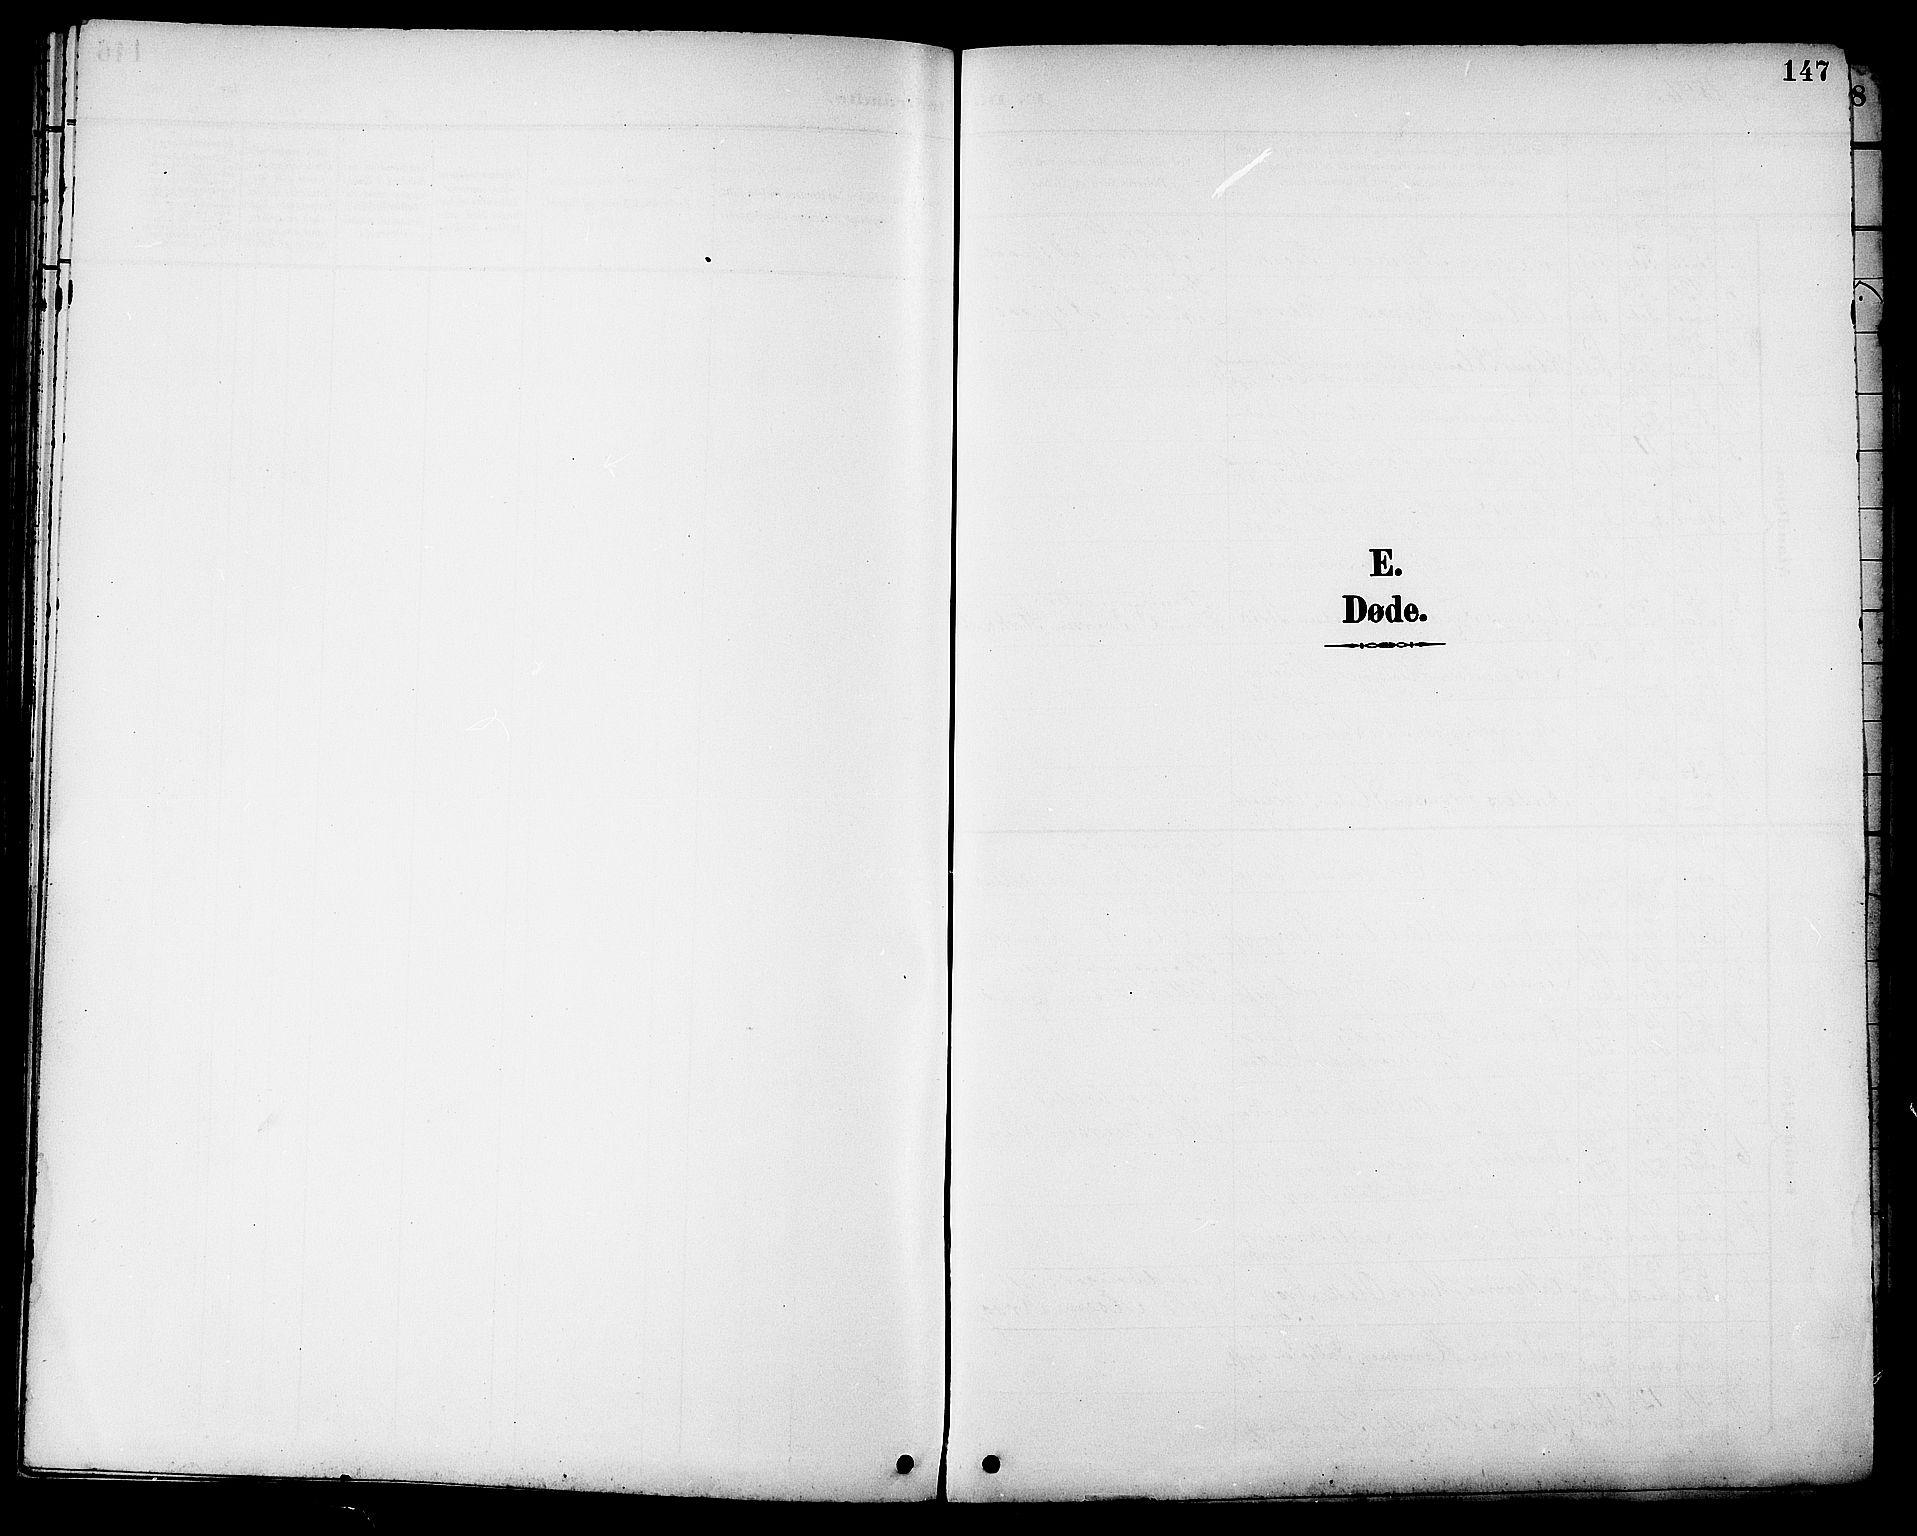 SAT, Ministerialprotokoller, klokkerbøker og fødselsregistre - Sør-Trøndelag, 681/L0941: Klokkerbok nr. 681C05, 1896-1905, s. 147